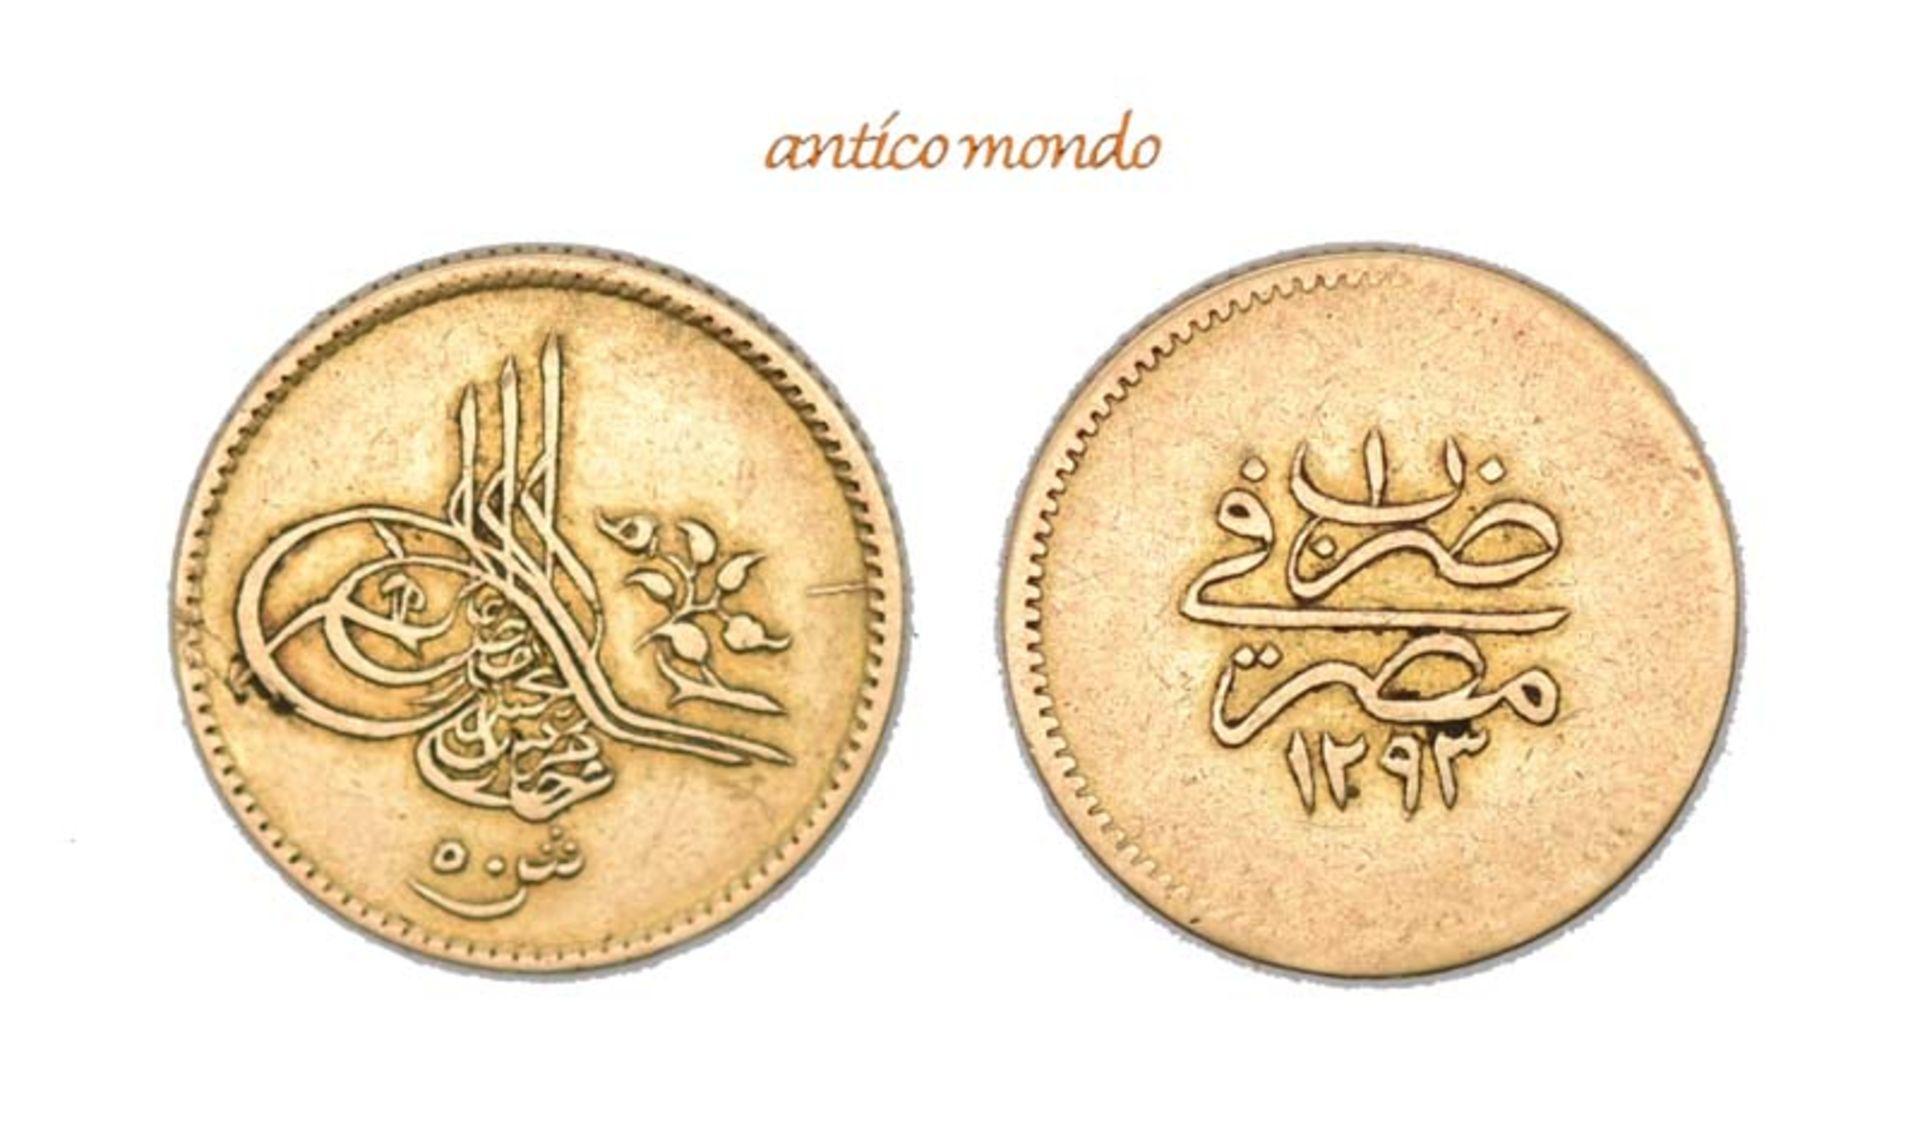 Ägypten, Abdul Hamid II., 1876-1909, 5 Piaster, 1876 (1293 AH), sehr schön, 4,21 g- - -21.50 %